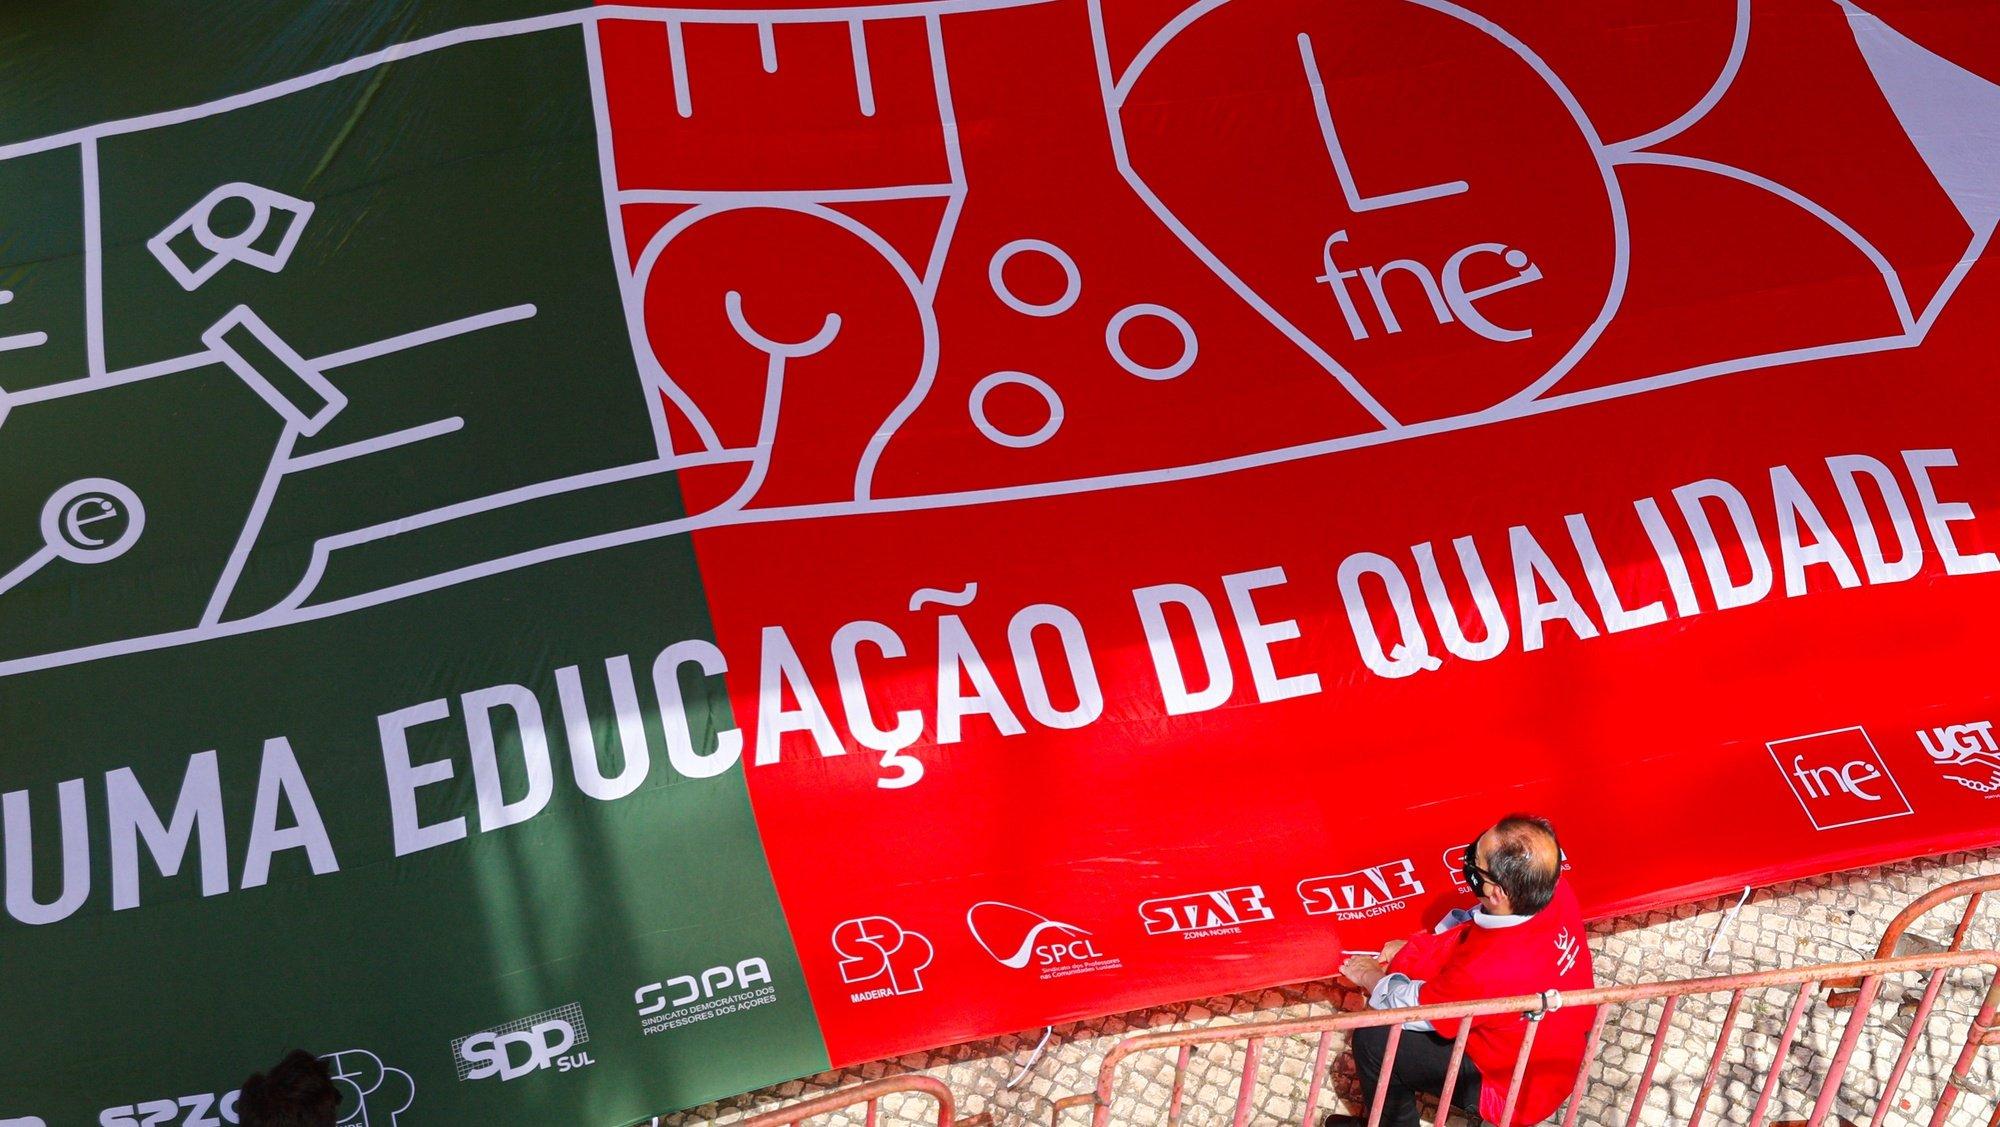 """Concentração de dirigentes sindicais da Federação Nacional da Educação (FNE), em frente ao Ministério da Educação (ME), em Lisboa, 08 de junho de 2021. A concentração é convocada para se encontrarem soluções que """"valorizem os trabalhadores da educação do nosso país e lhes garantam condições dignas para o exercício profissional, no contexto exigente em que vivemos"""". ANTÓNIO COTRIM/LUSA"""